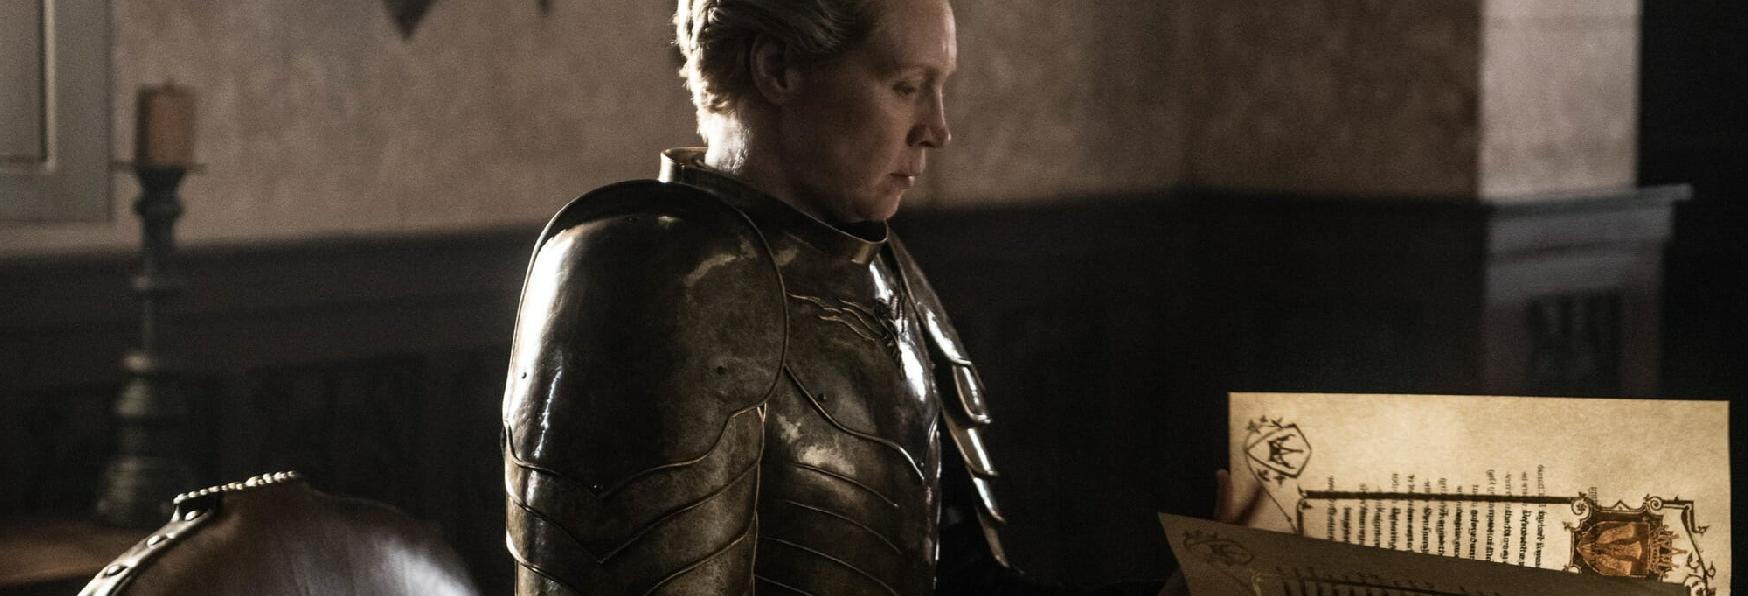 Game of Thrones: Svelato un Dettaglio Commovente nell'Ultima Scena di Brienne